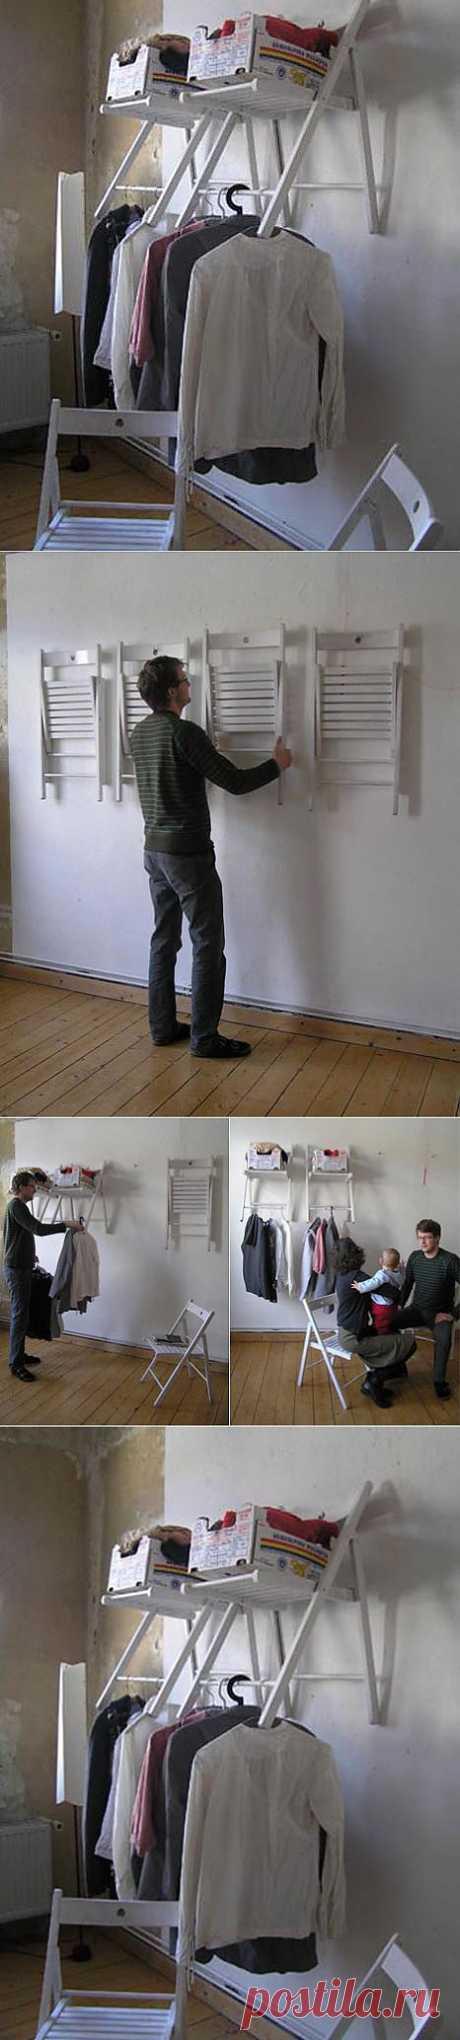 Стулья? Полки! / Мебель / Модный сайт о стильной переделке одежды и интерьера